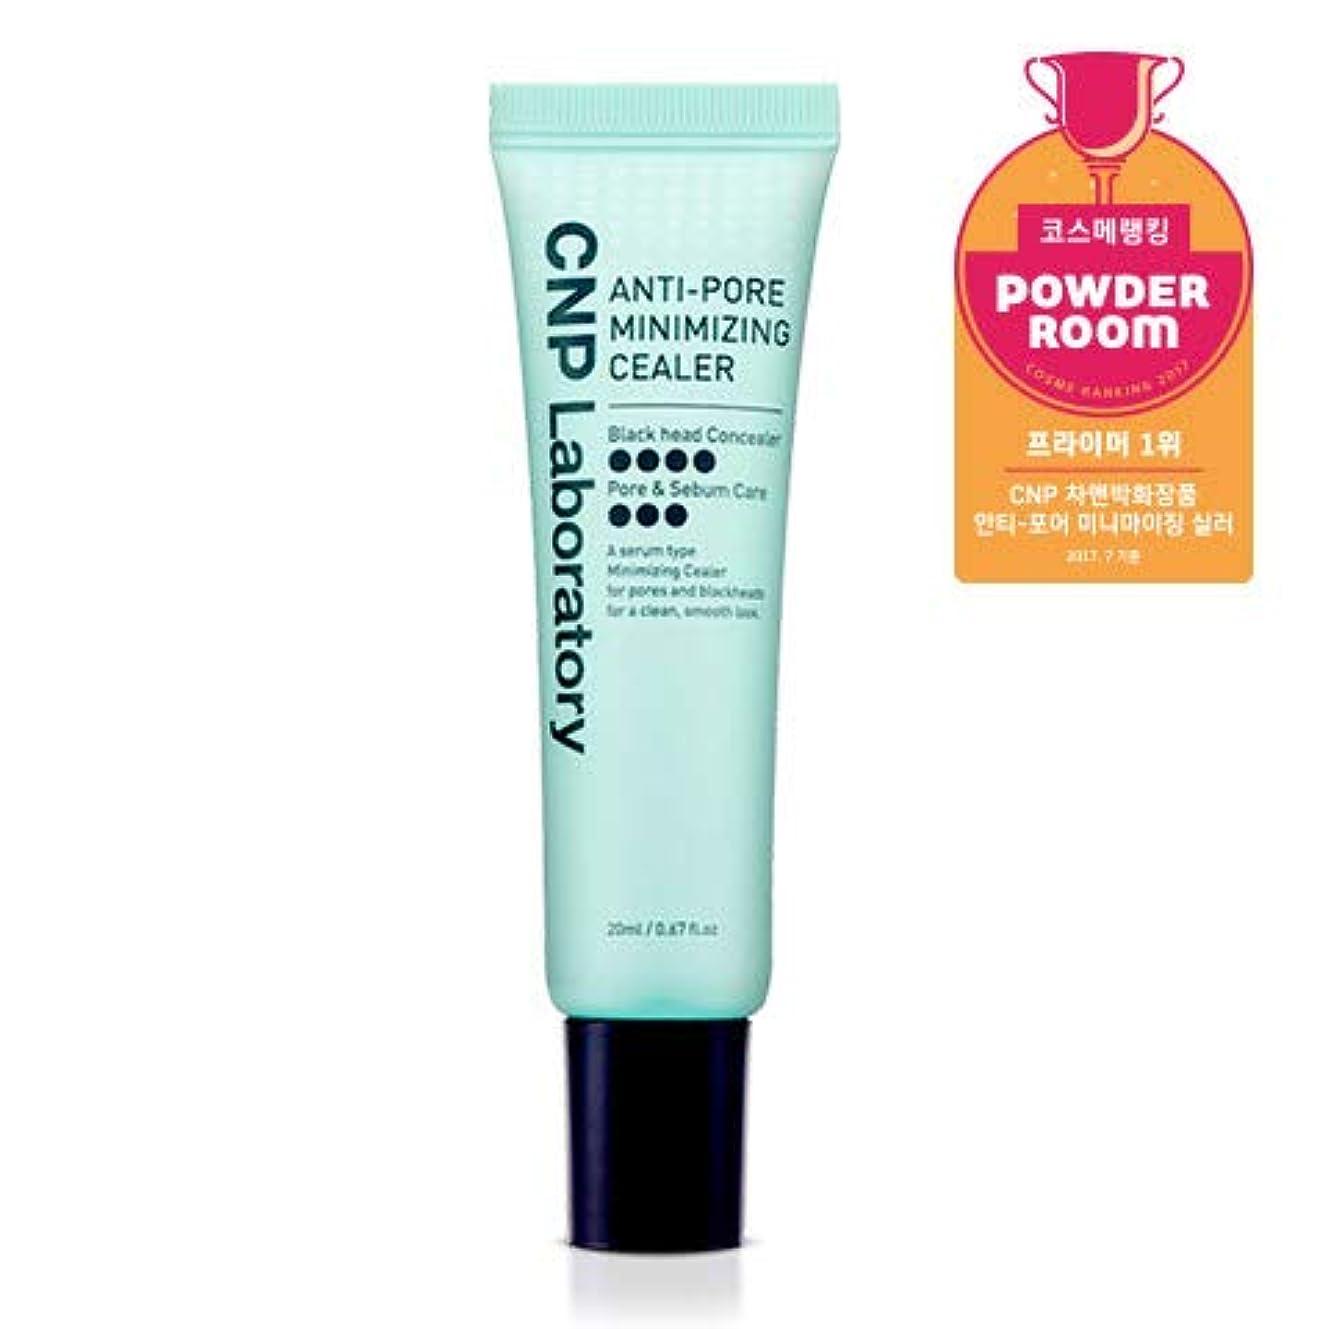 スーパーマーケット多様なコートCNP Laboratory 抗細孔最小化シーラー/Anti-pore minimizing cealer 20ml [並行輸入品]